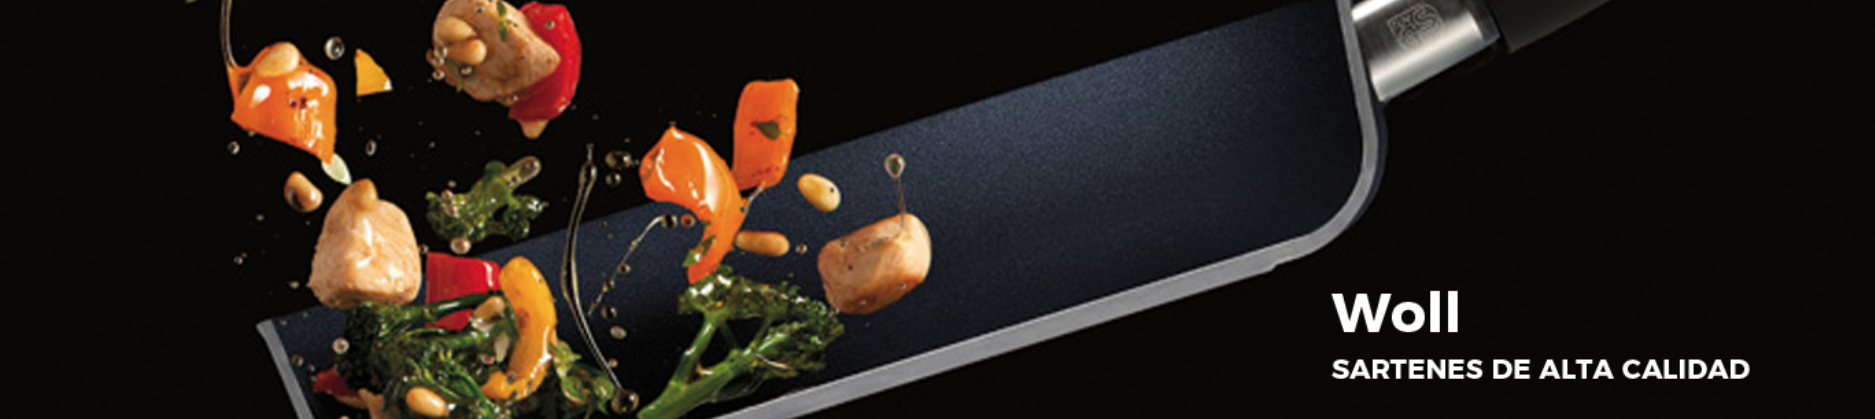 Sartenes de cocina Woll aptas para todo tipo de cocinas